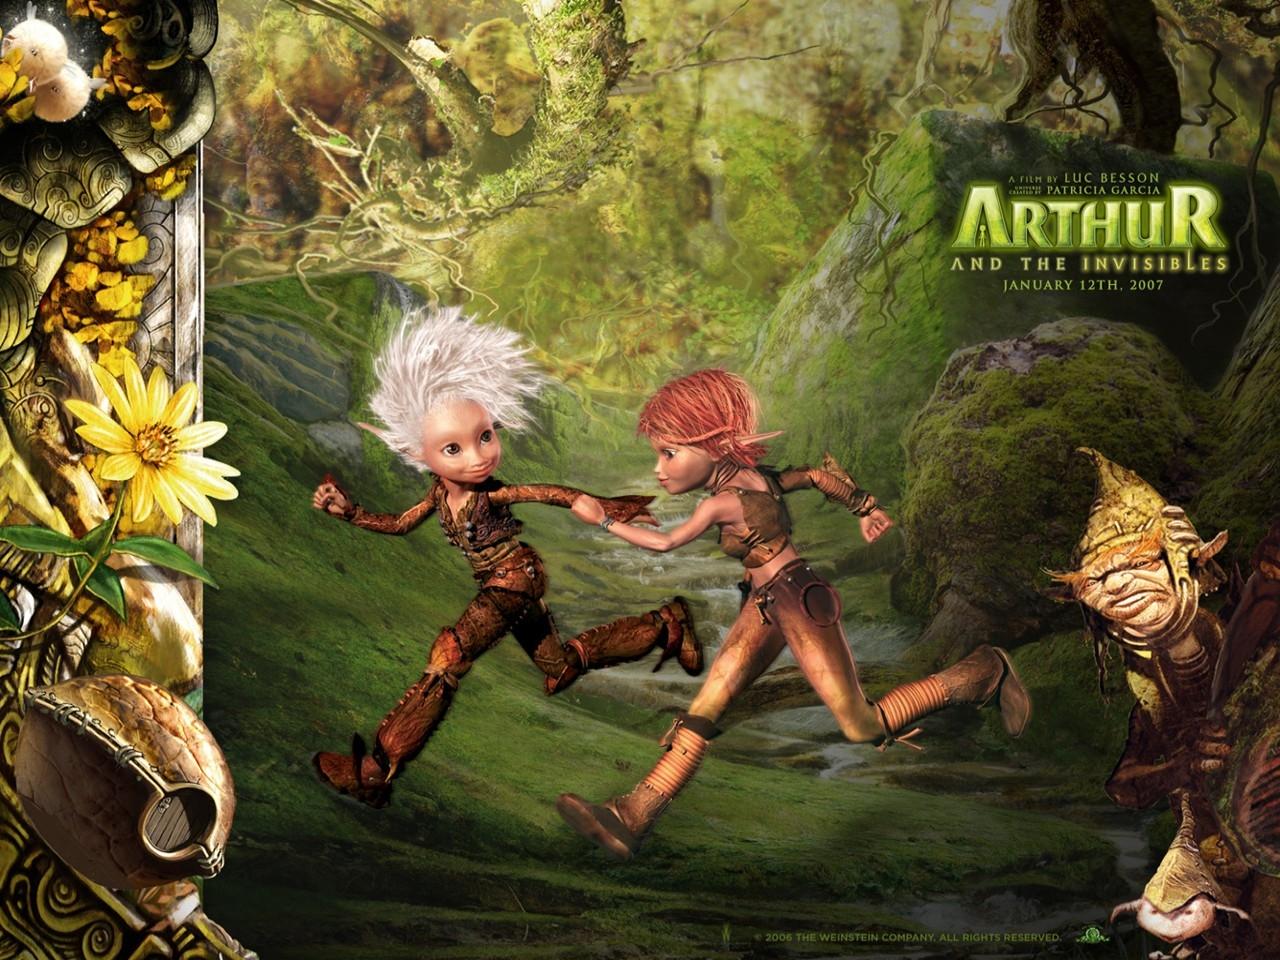 Wallpaper del film Arthur e il popolo dei Minimei